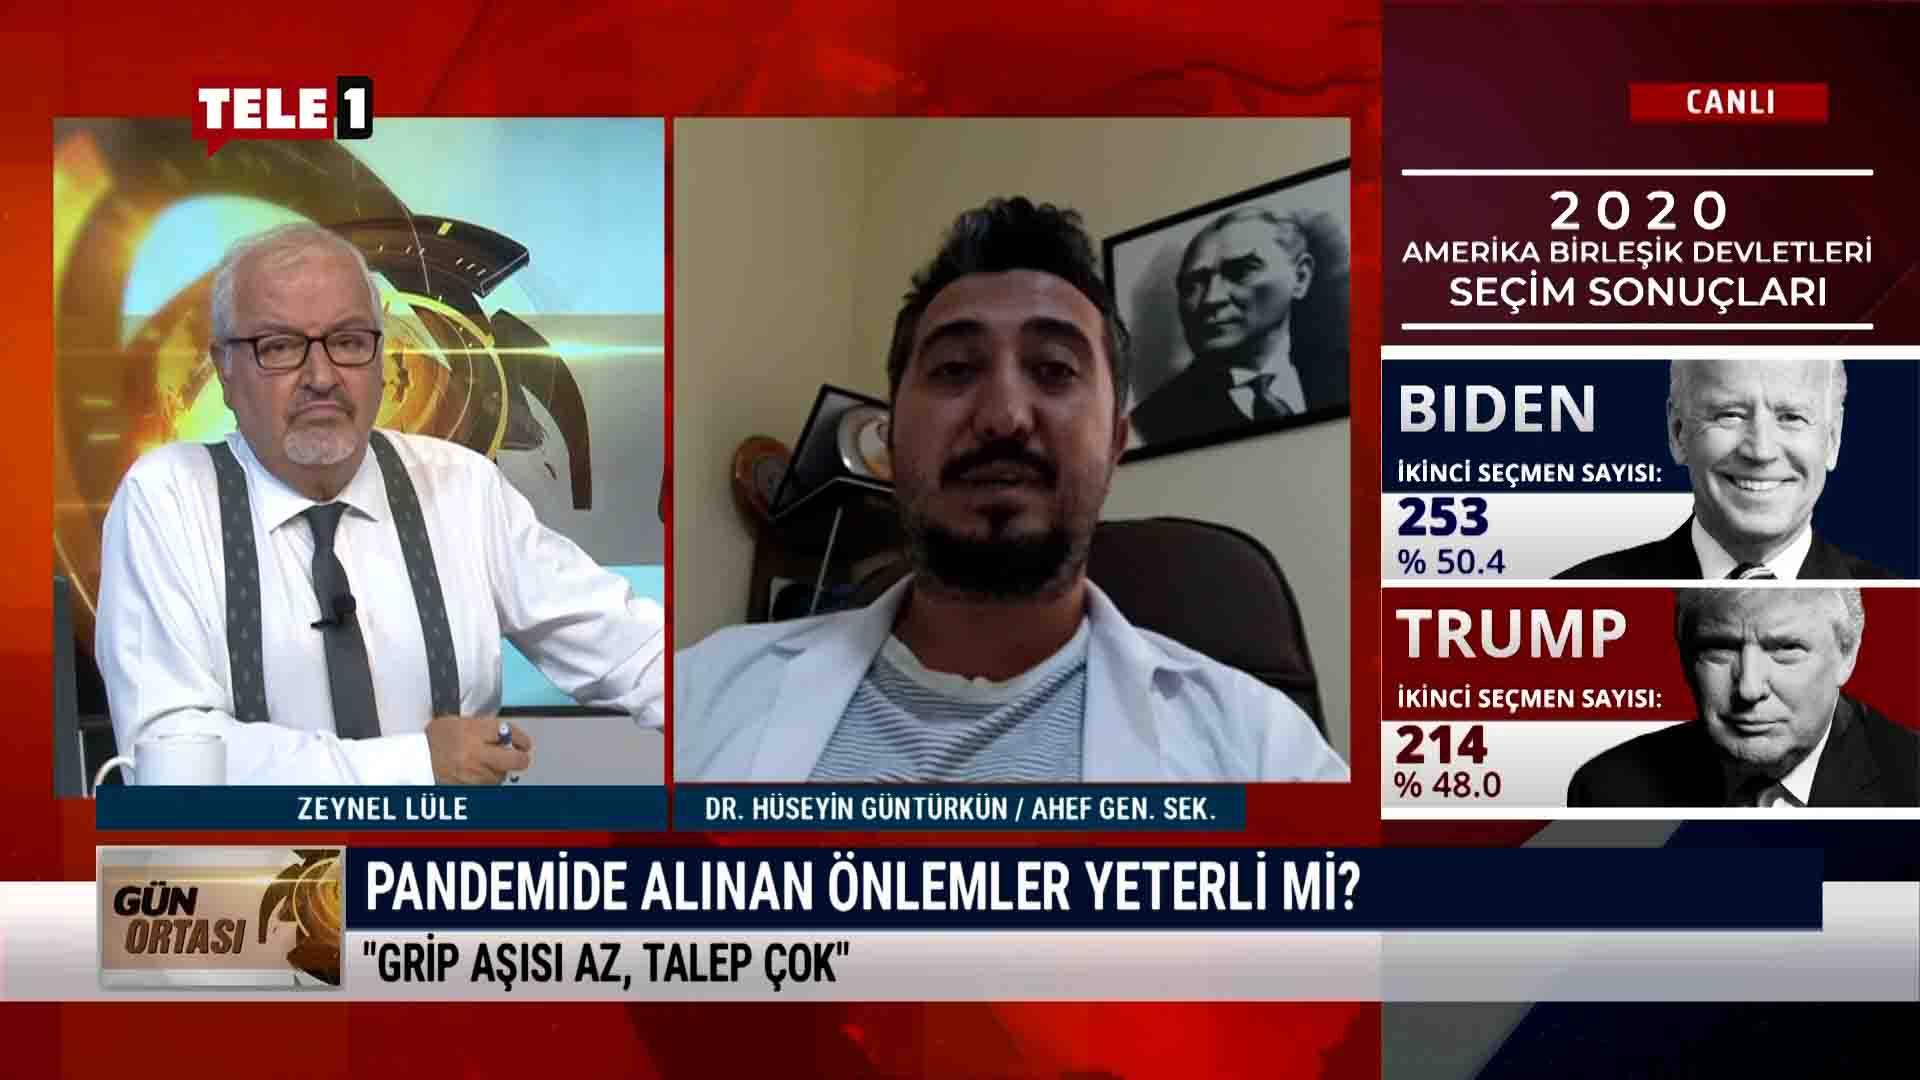 AHEF Genel Sekreteri Dr. Hüseyin Güntürkün pandemi sürecini anlattı